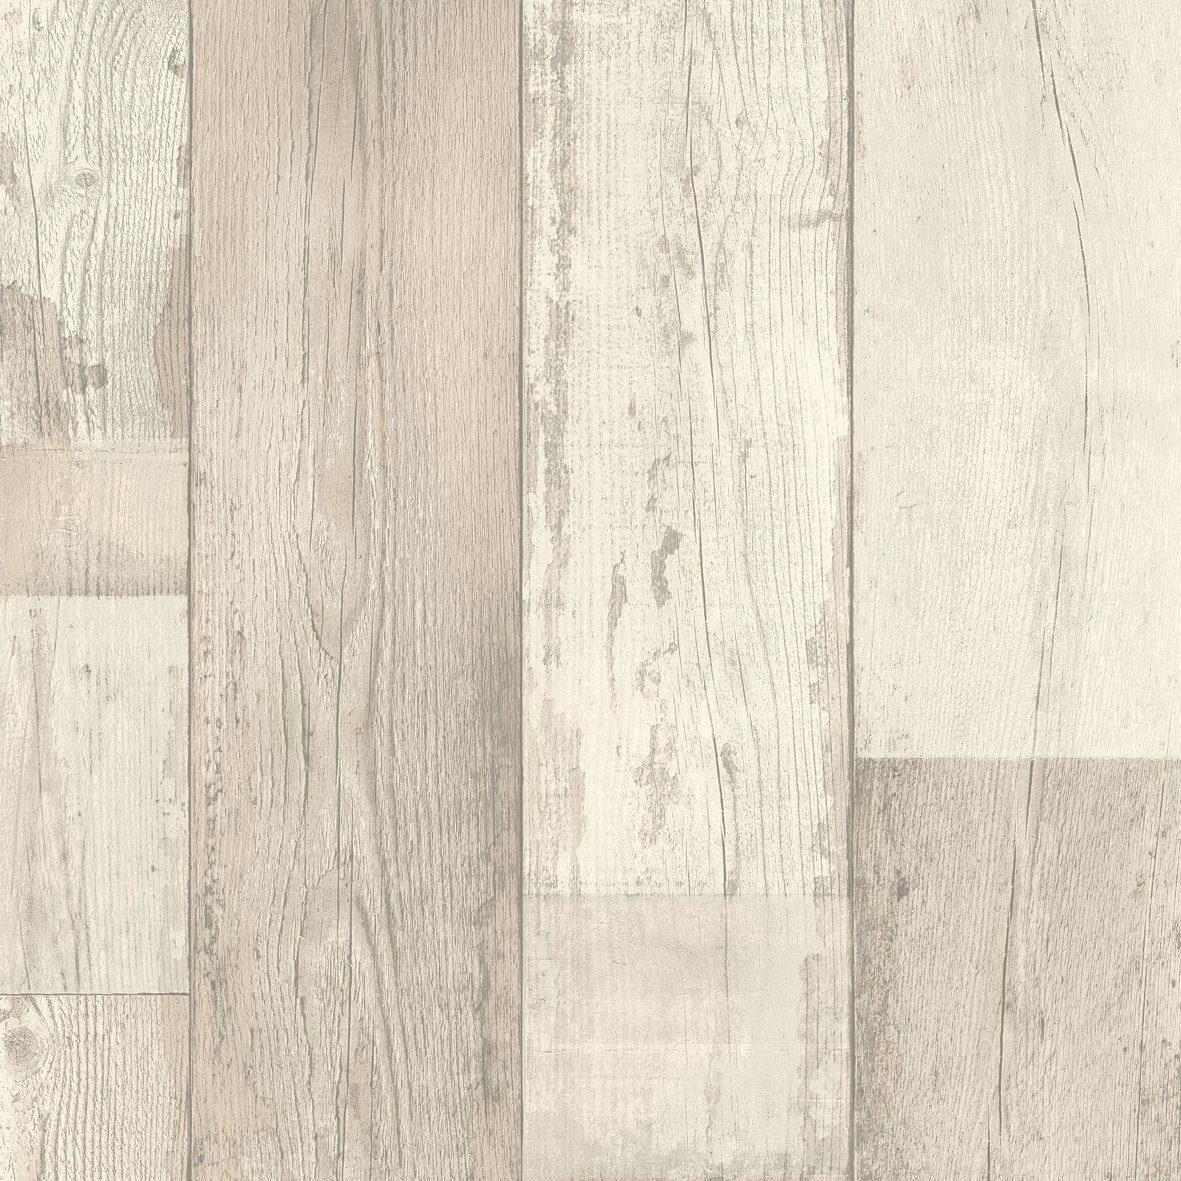 Vinylboden PVC Bodenbelag Meterware Holzoptik Schiffsboden Diele Eiche 300 und 400 cm Breite 200 Variante: 7 x 3m